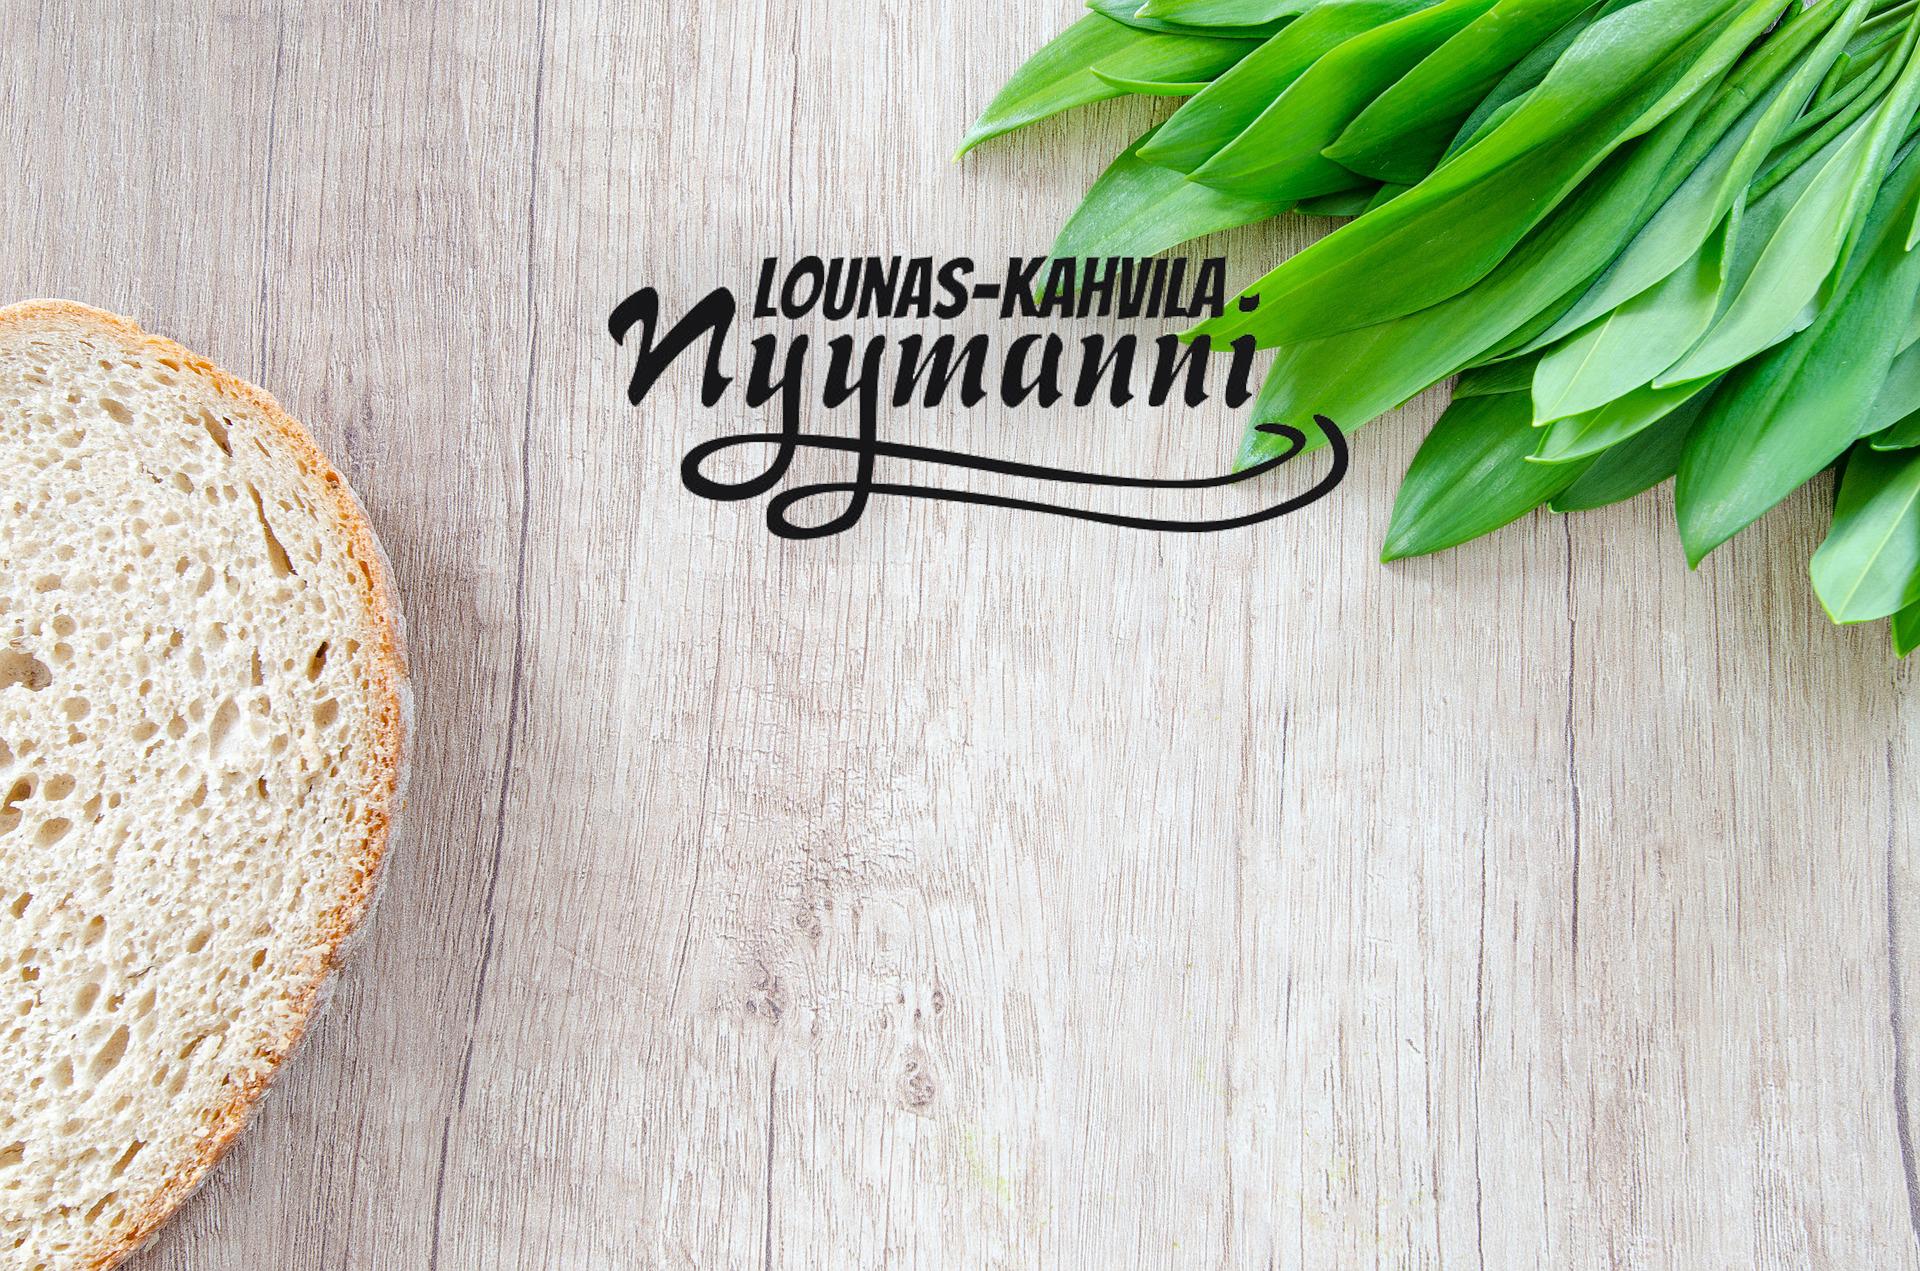 Lounas-Kahvila Nyymanni